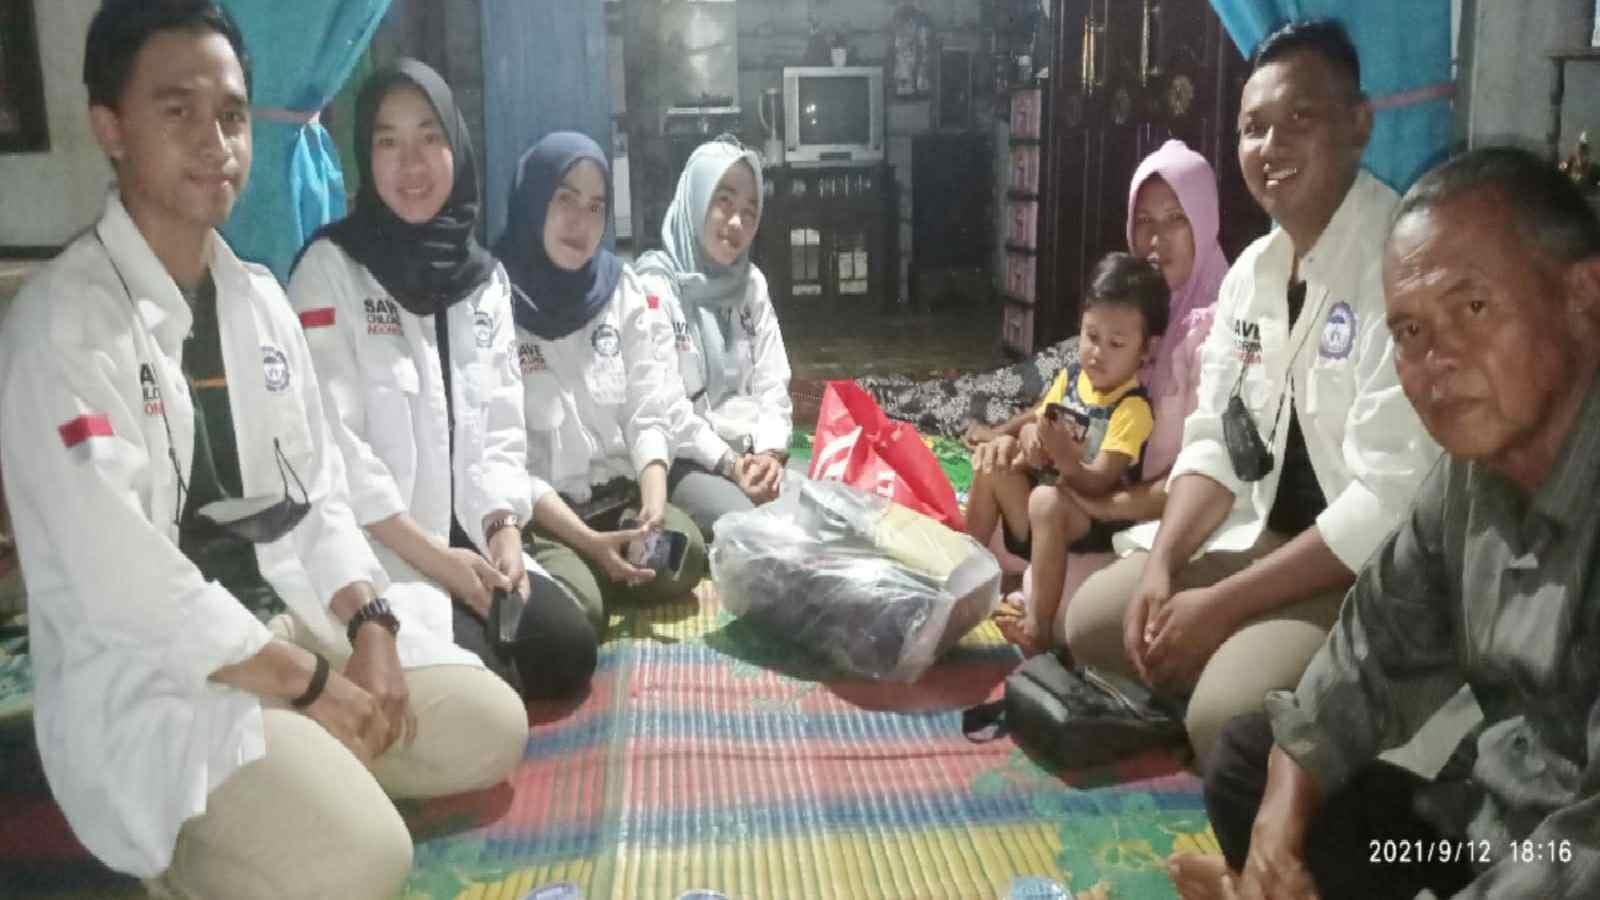 TRCPPA Jambi saat kunjungi kediaman rumah anak korban kekerasan di Teluk Dawan, Muara Sabak Barat